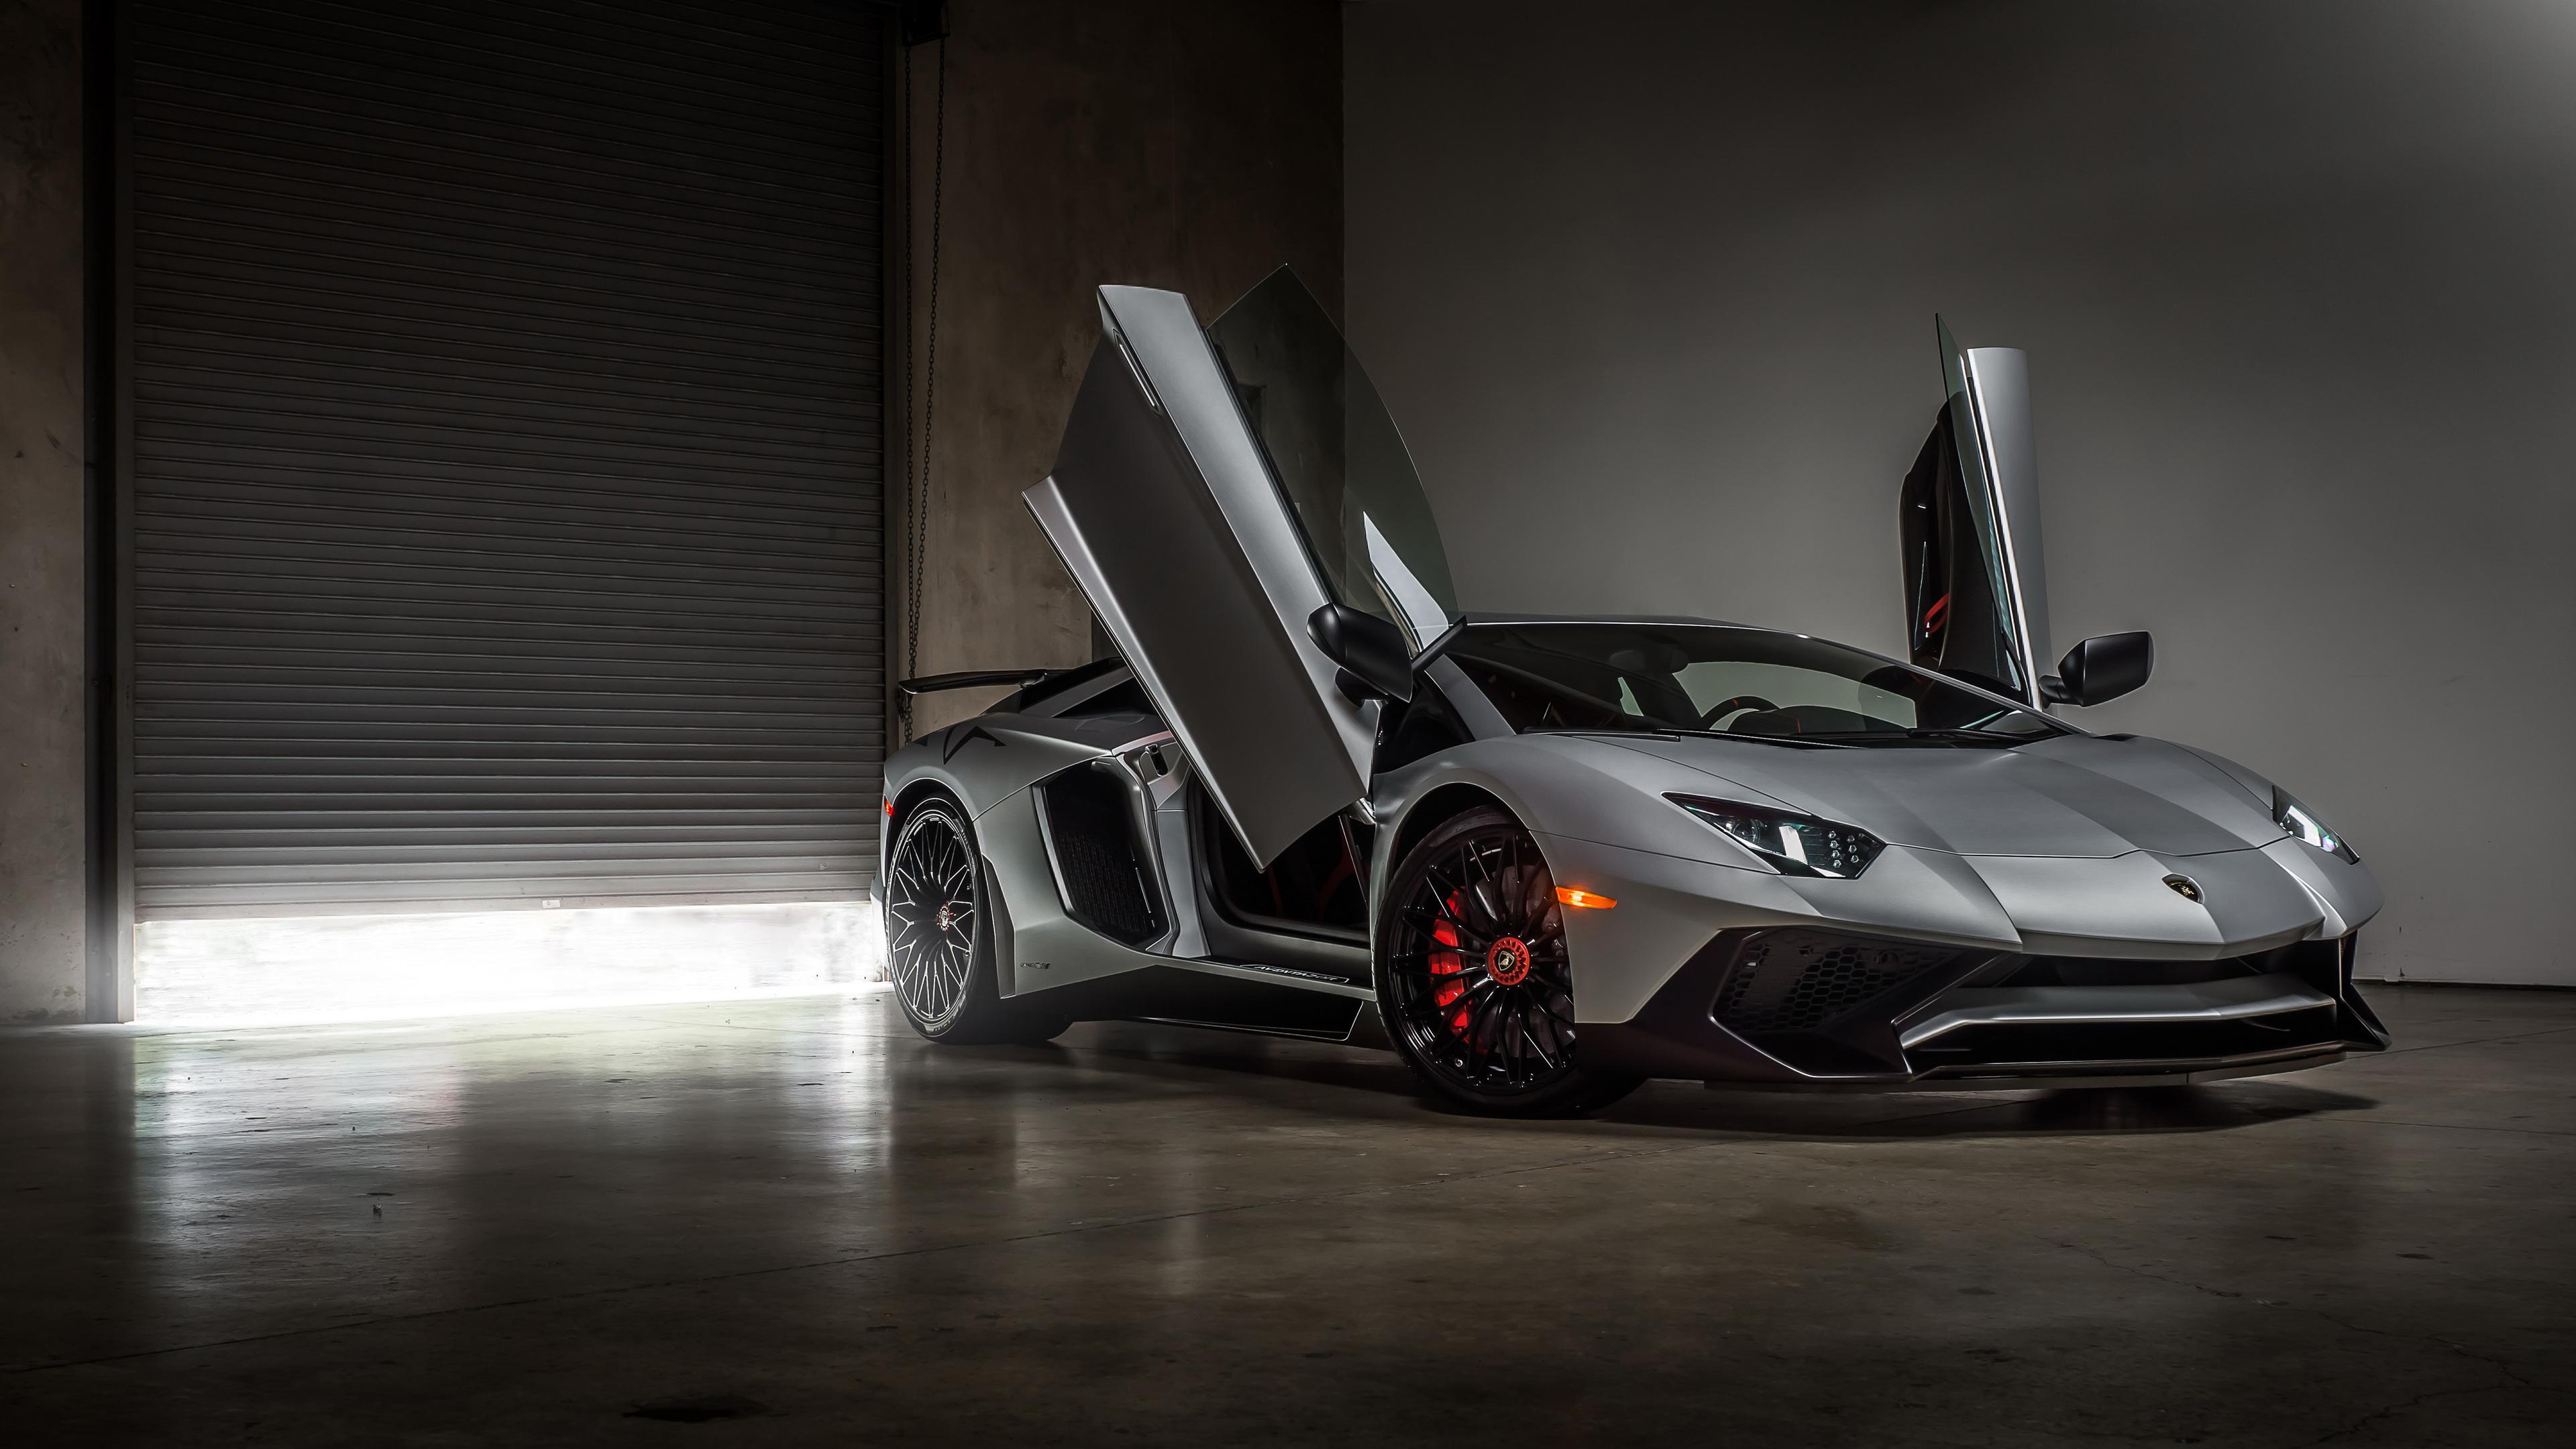 lamborghini aventador lp 750 superveloce 1539108857 - Lamborghini Aventador LP 750 Superveloce - lamborghini wallpapers, lamborghini aventador wallpapers, hd-wallpapers, cars wallpapers, 4k-wallpapers